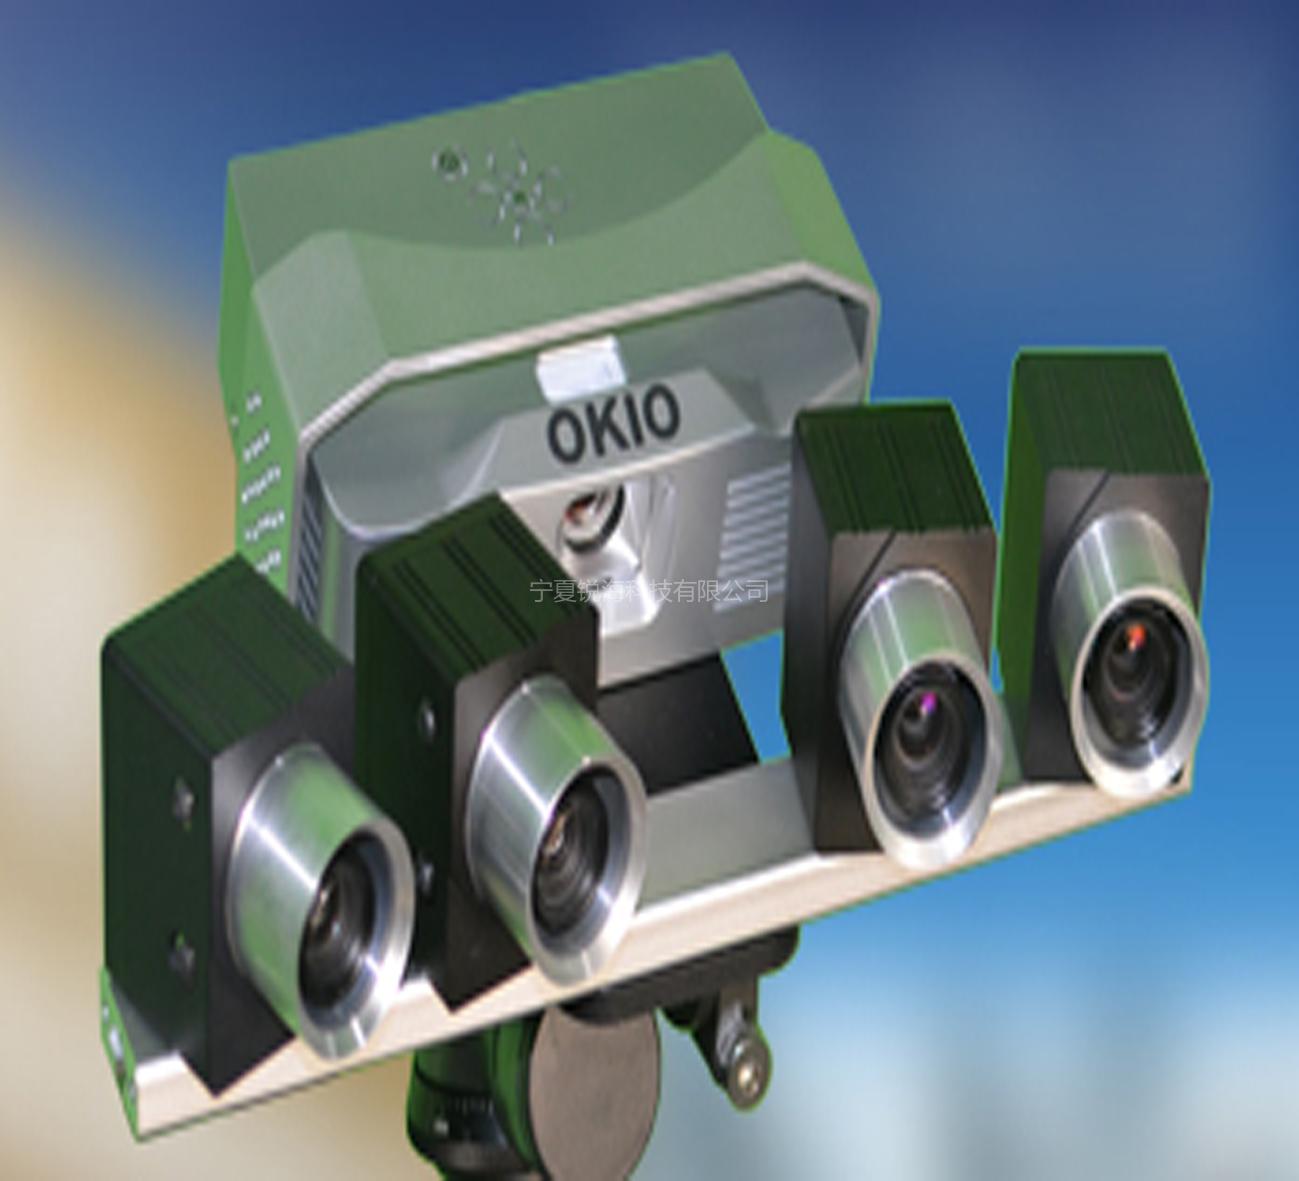 工业级三维激光扫描仪OKIO-F系列.jpg